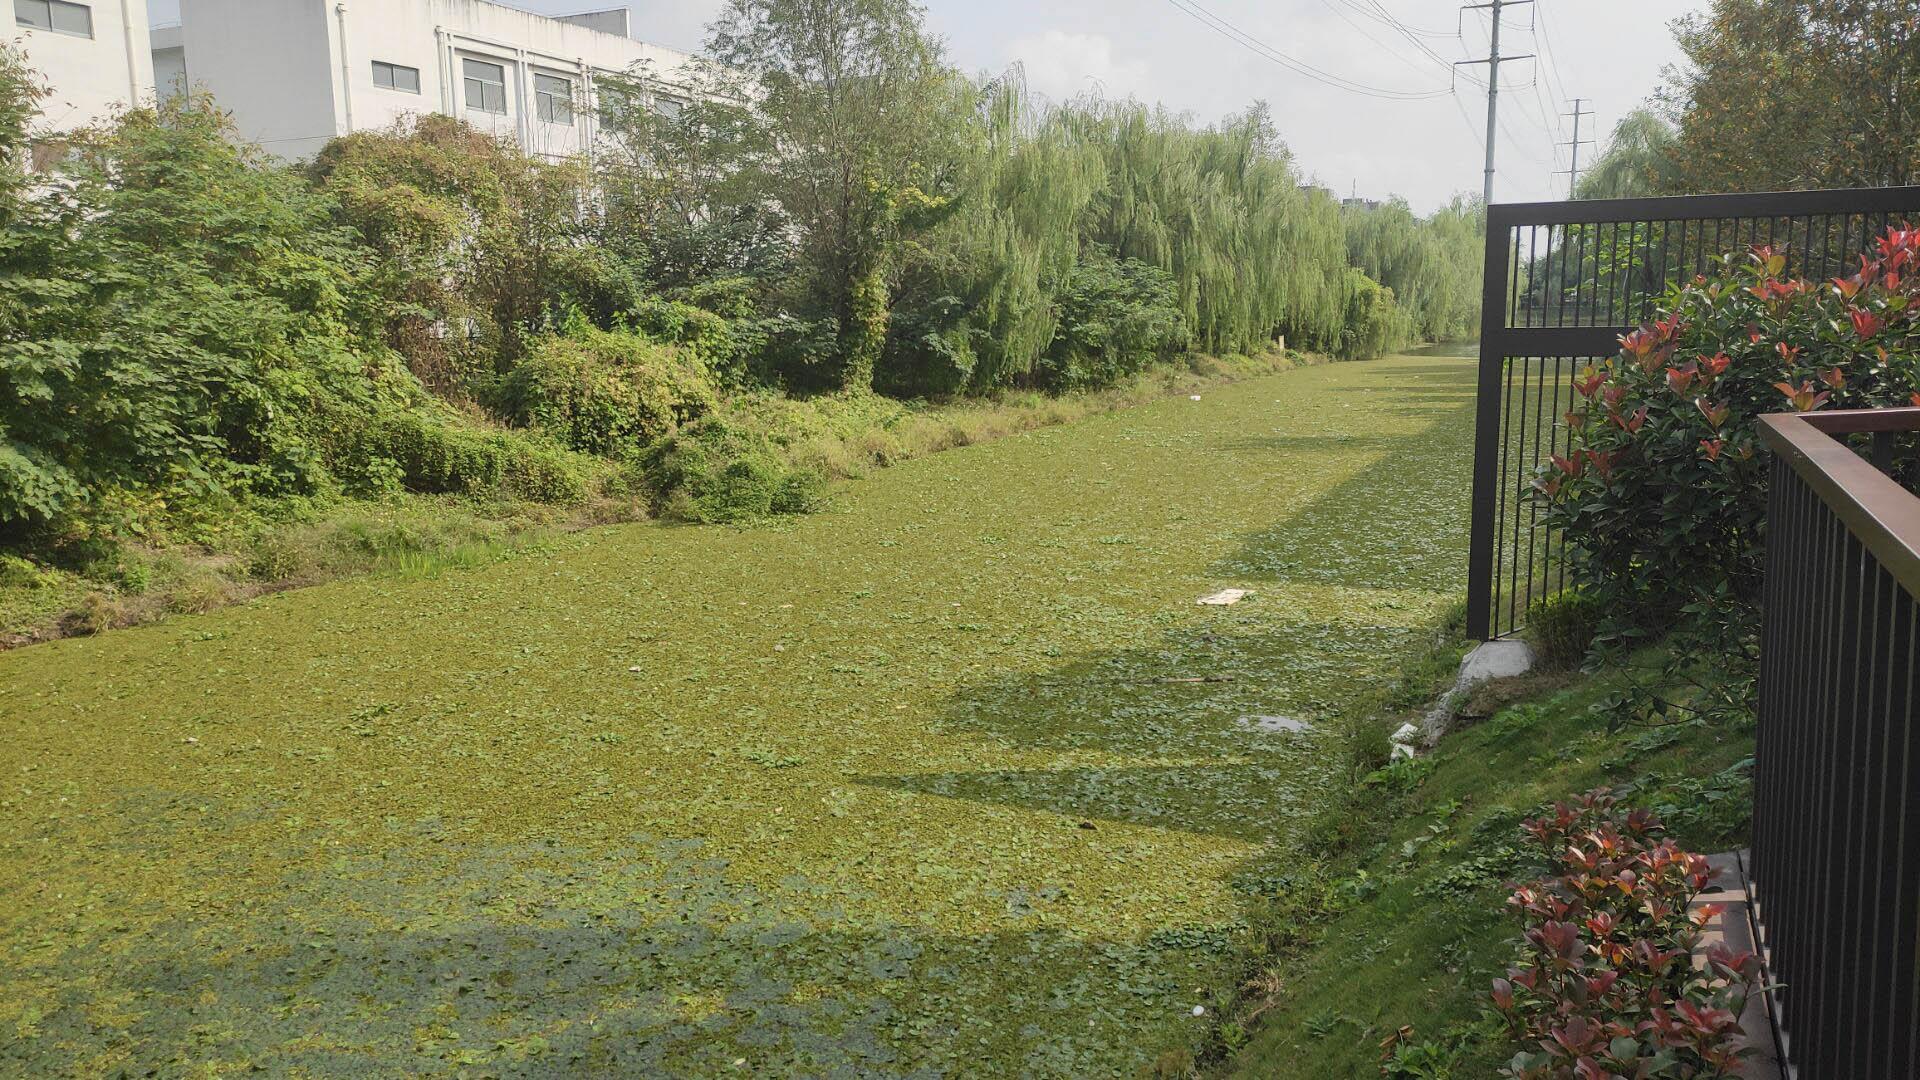 中信泰富锦园下圩河漂浮大量植物垃圾